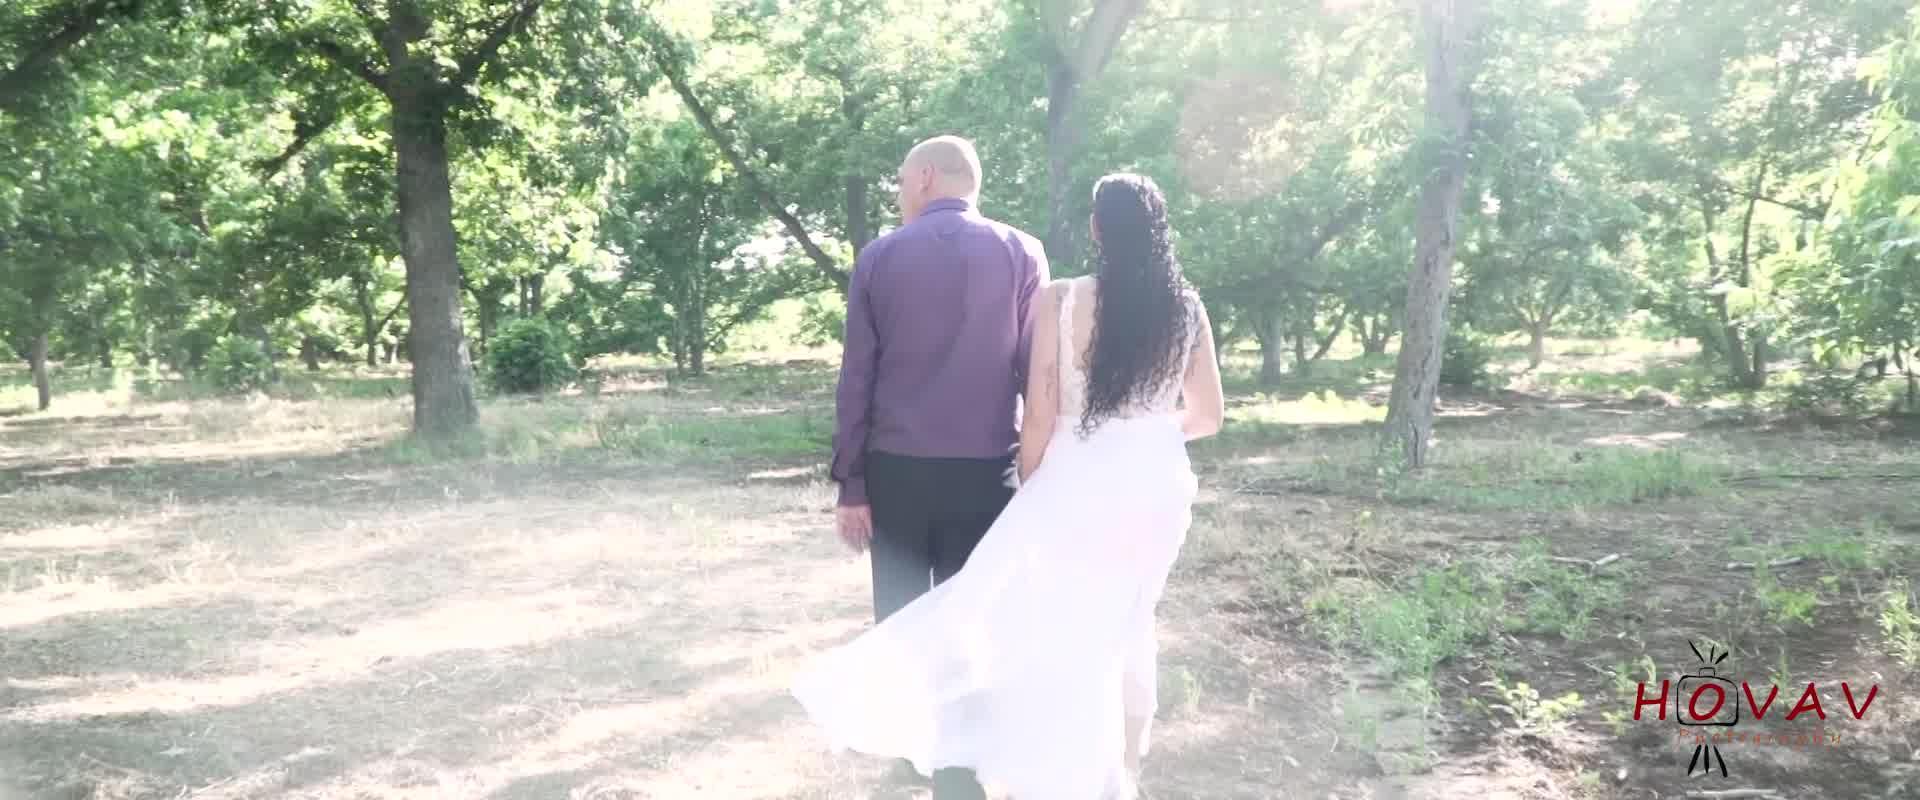 עדי ונועם highlights חתונה באווירה קסומה זורמת וממש לא שגרתית